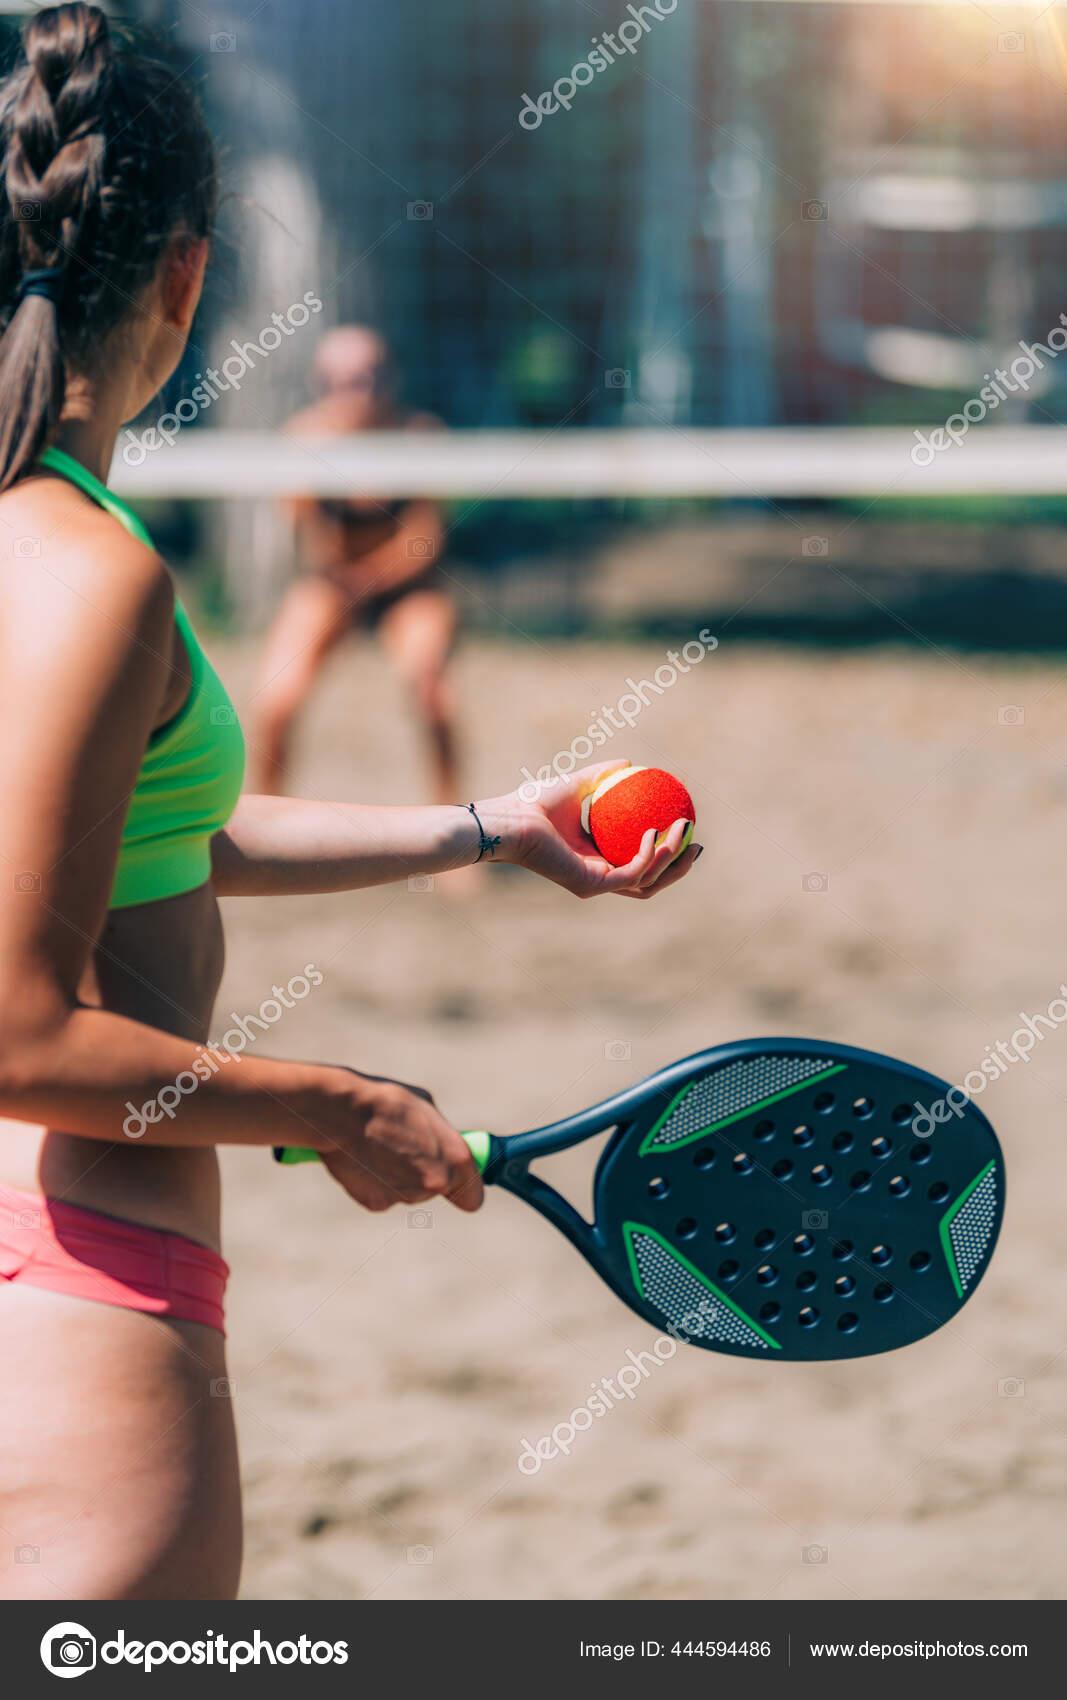 Bermain Tenis : bermain, tenis, Perempuan, Bermain, Tenis, Pantai, Microgen, #444594486